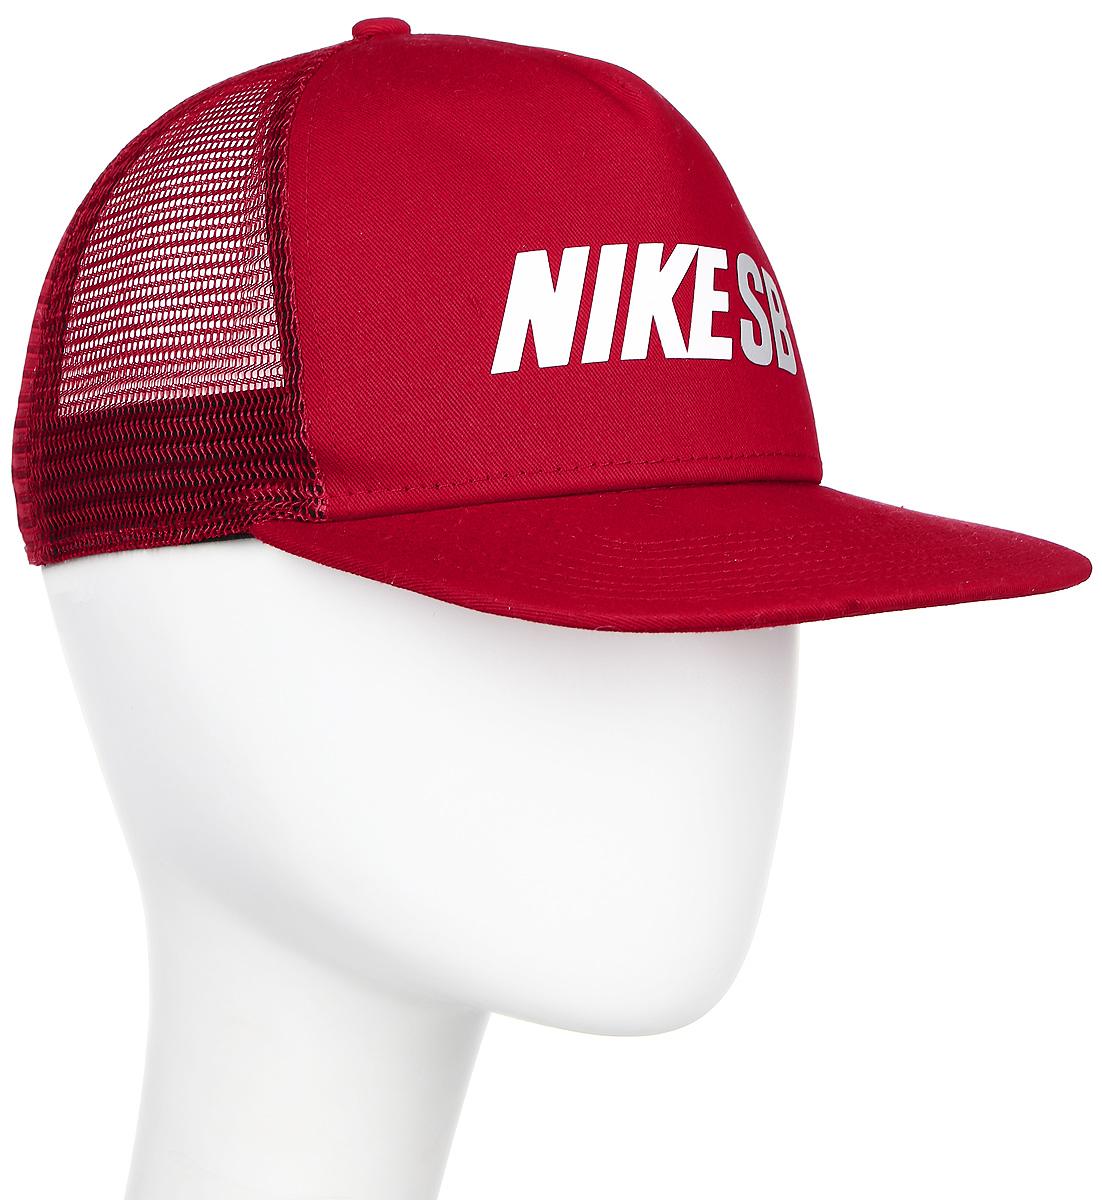 Бейсболка Nike Sb Reflect Trucker, цвет: красный. 806014-687. Размер универсальный806014-687Бейсболка Sb Reflect Trucker от Nike выполнена из хлопка и дополнена вставкой из сетки для вентиляци. Модель имеет прямой козырек и регулируемый ремешок.